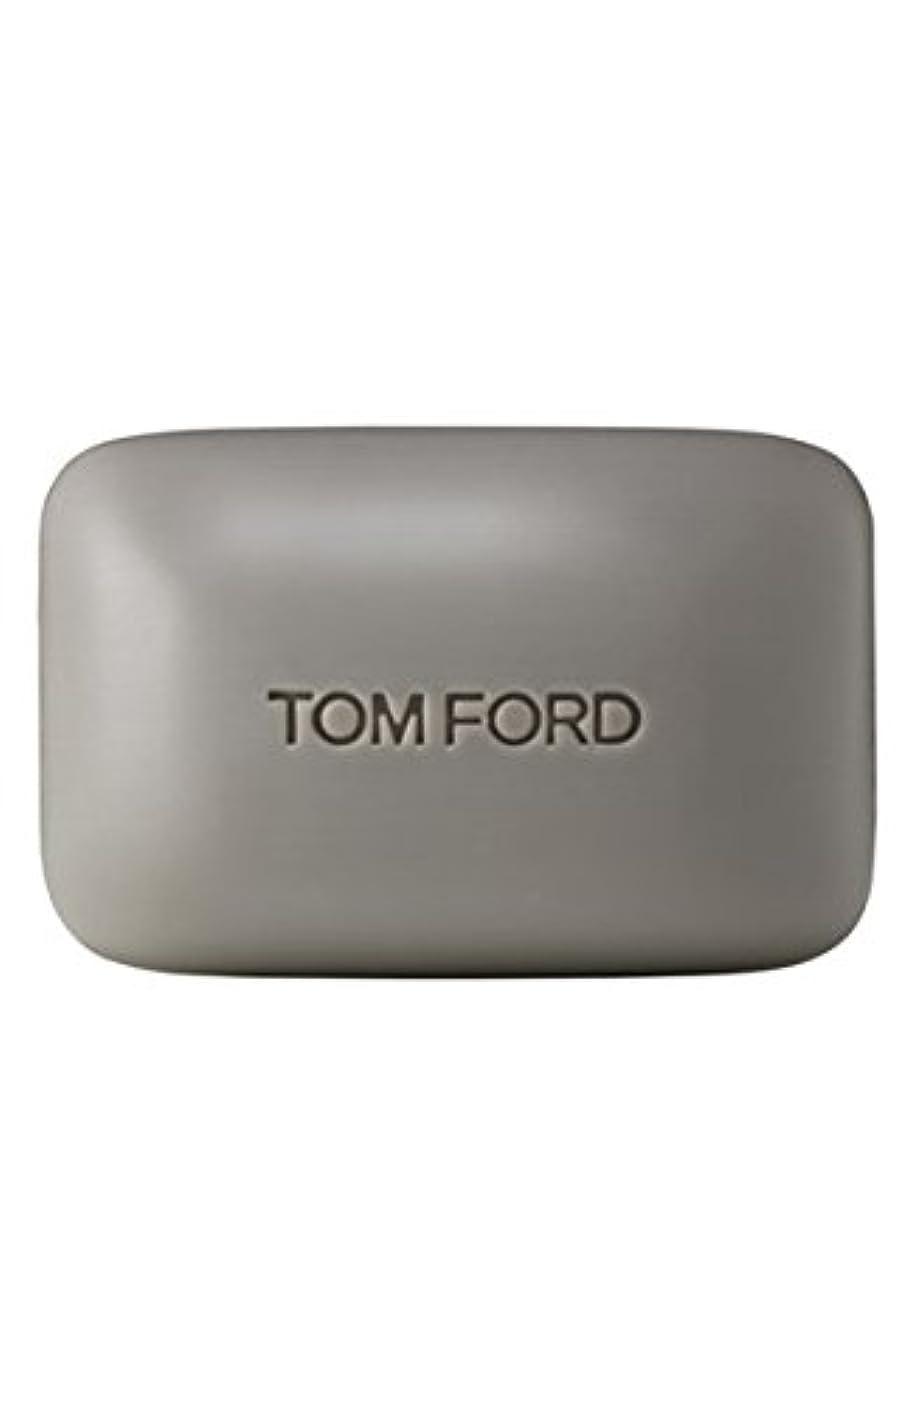 女優ミント安全性Tom Ford Private Blend 'Oud Wood' (トムフォード プライベートブレンド オードウッド) 5.5 oz (165ml) Bar Soap (固形石鹸)